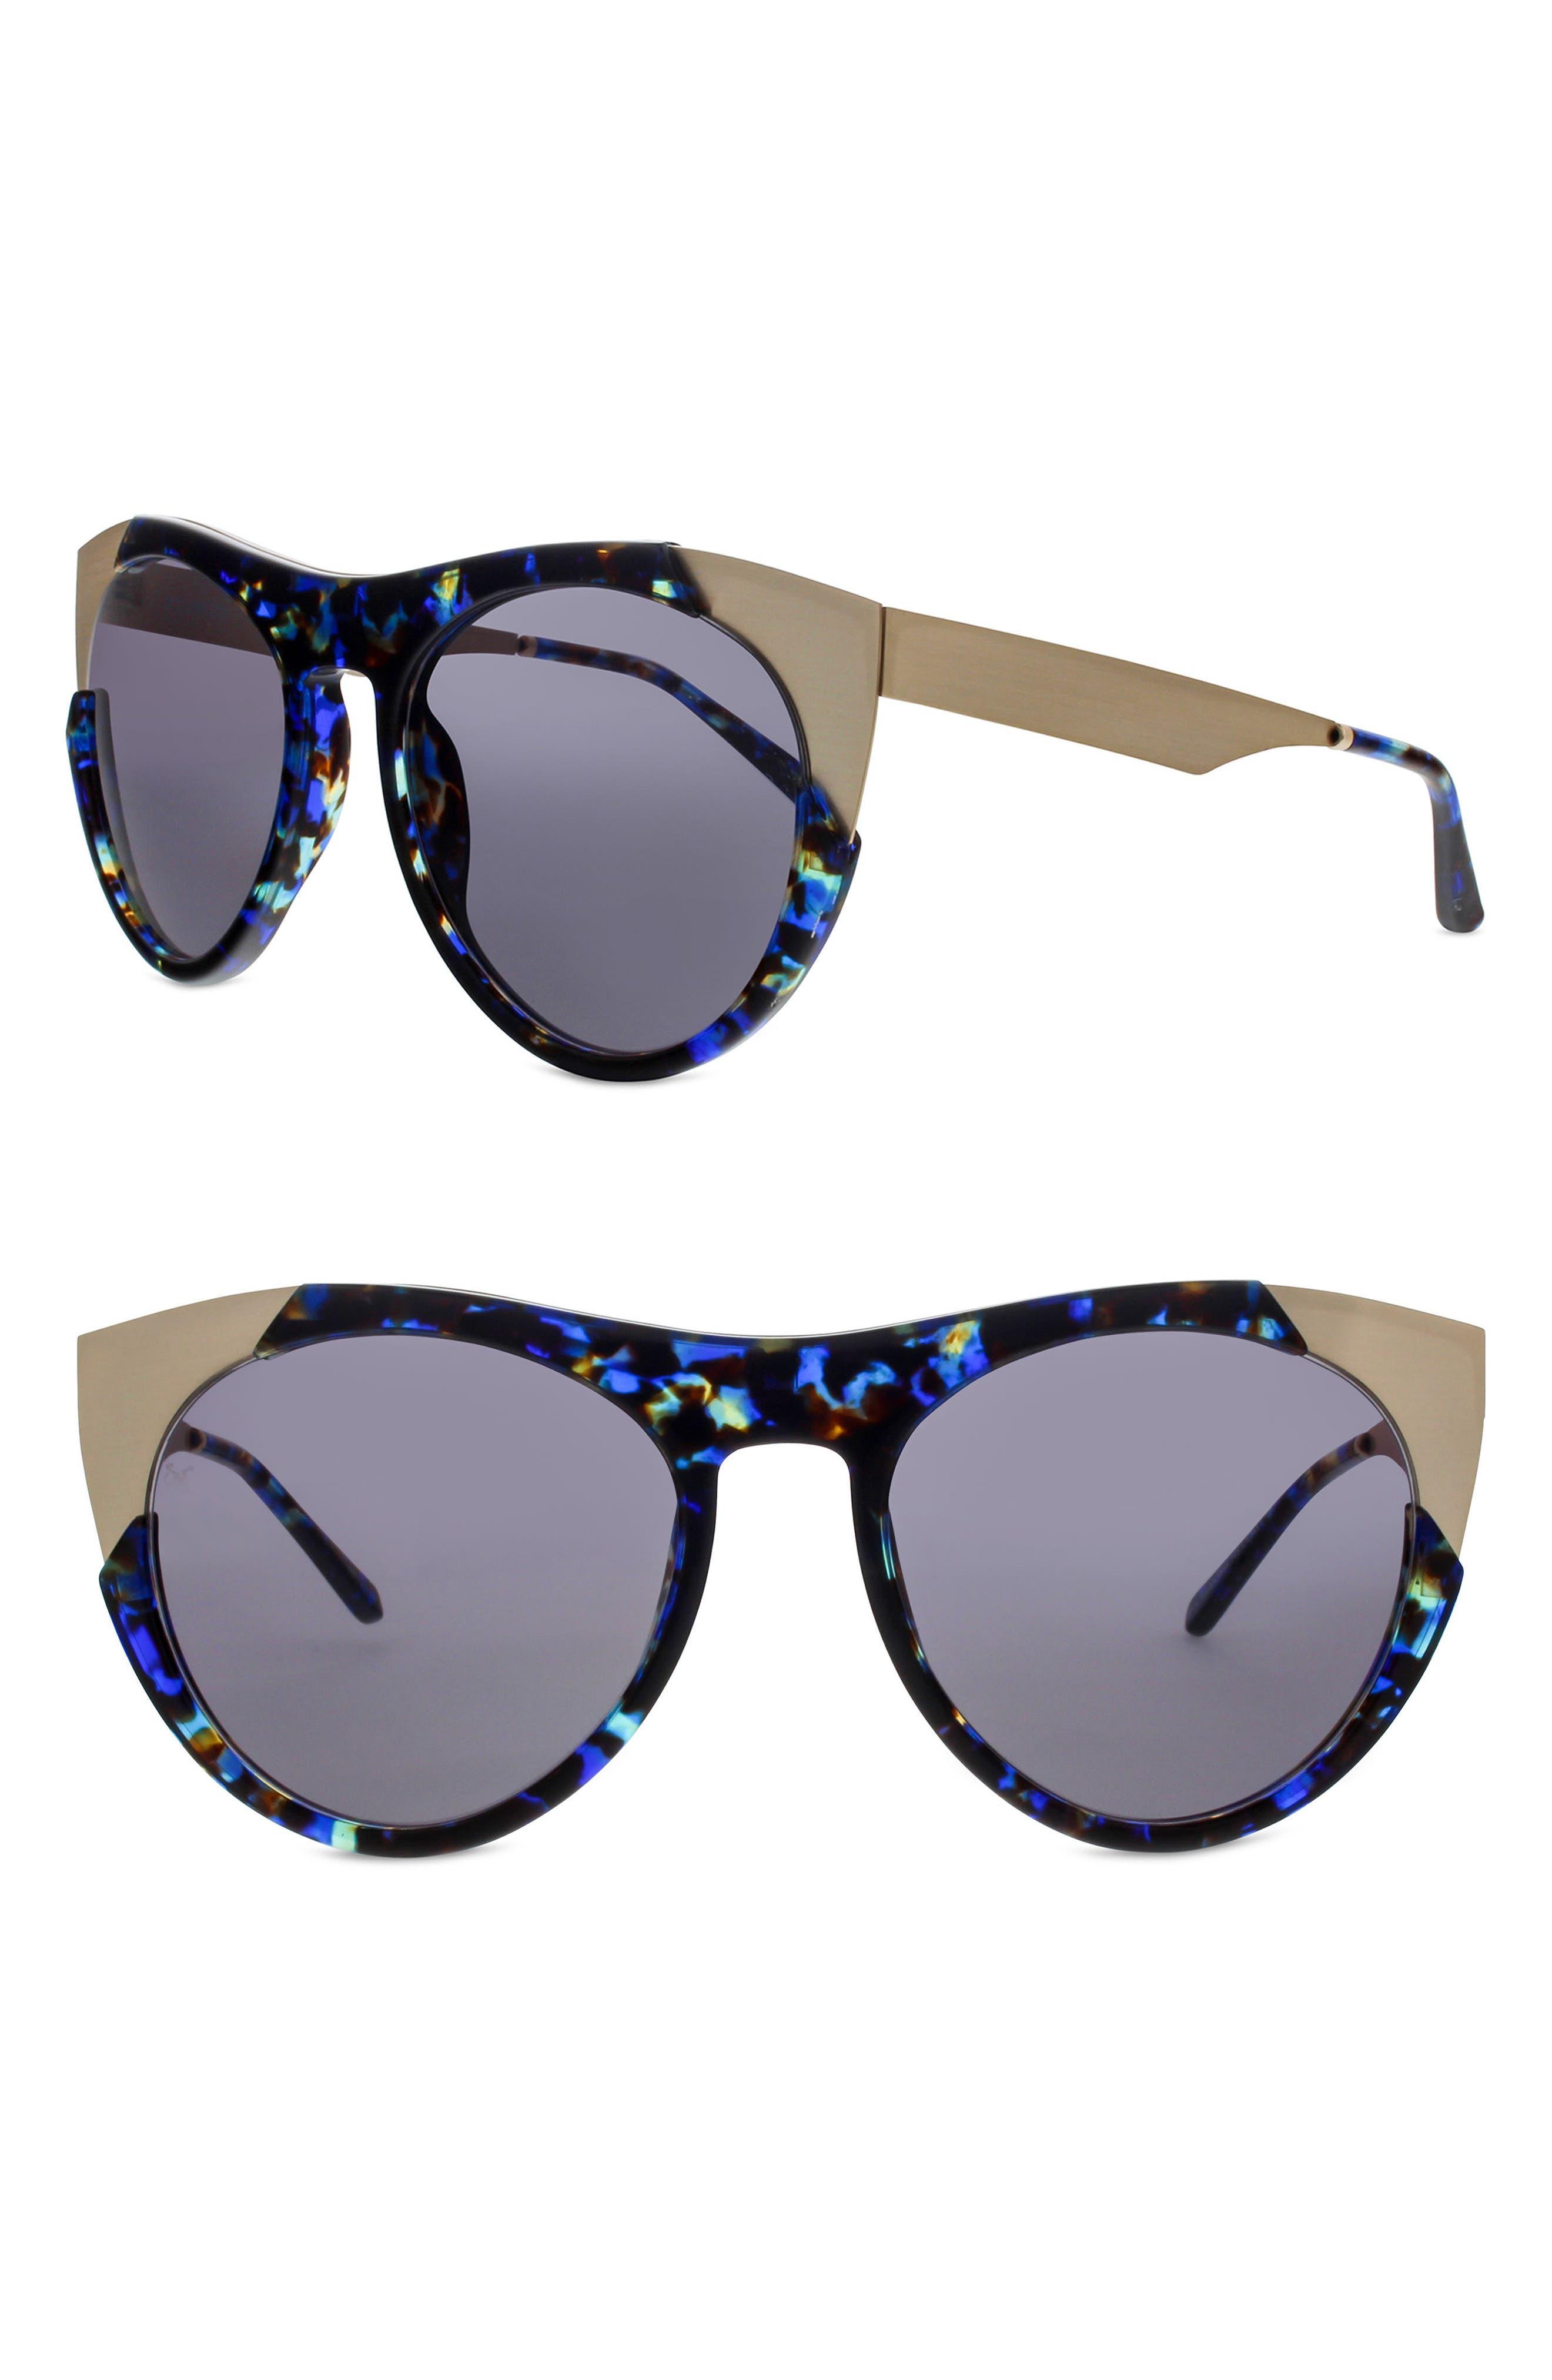 Main Image - SMOKE X MIRRORS Zoubisou 53mm Cat Eye Sunglasses